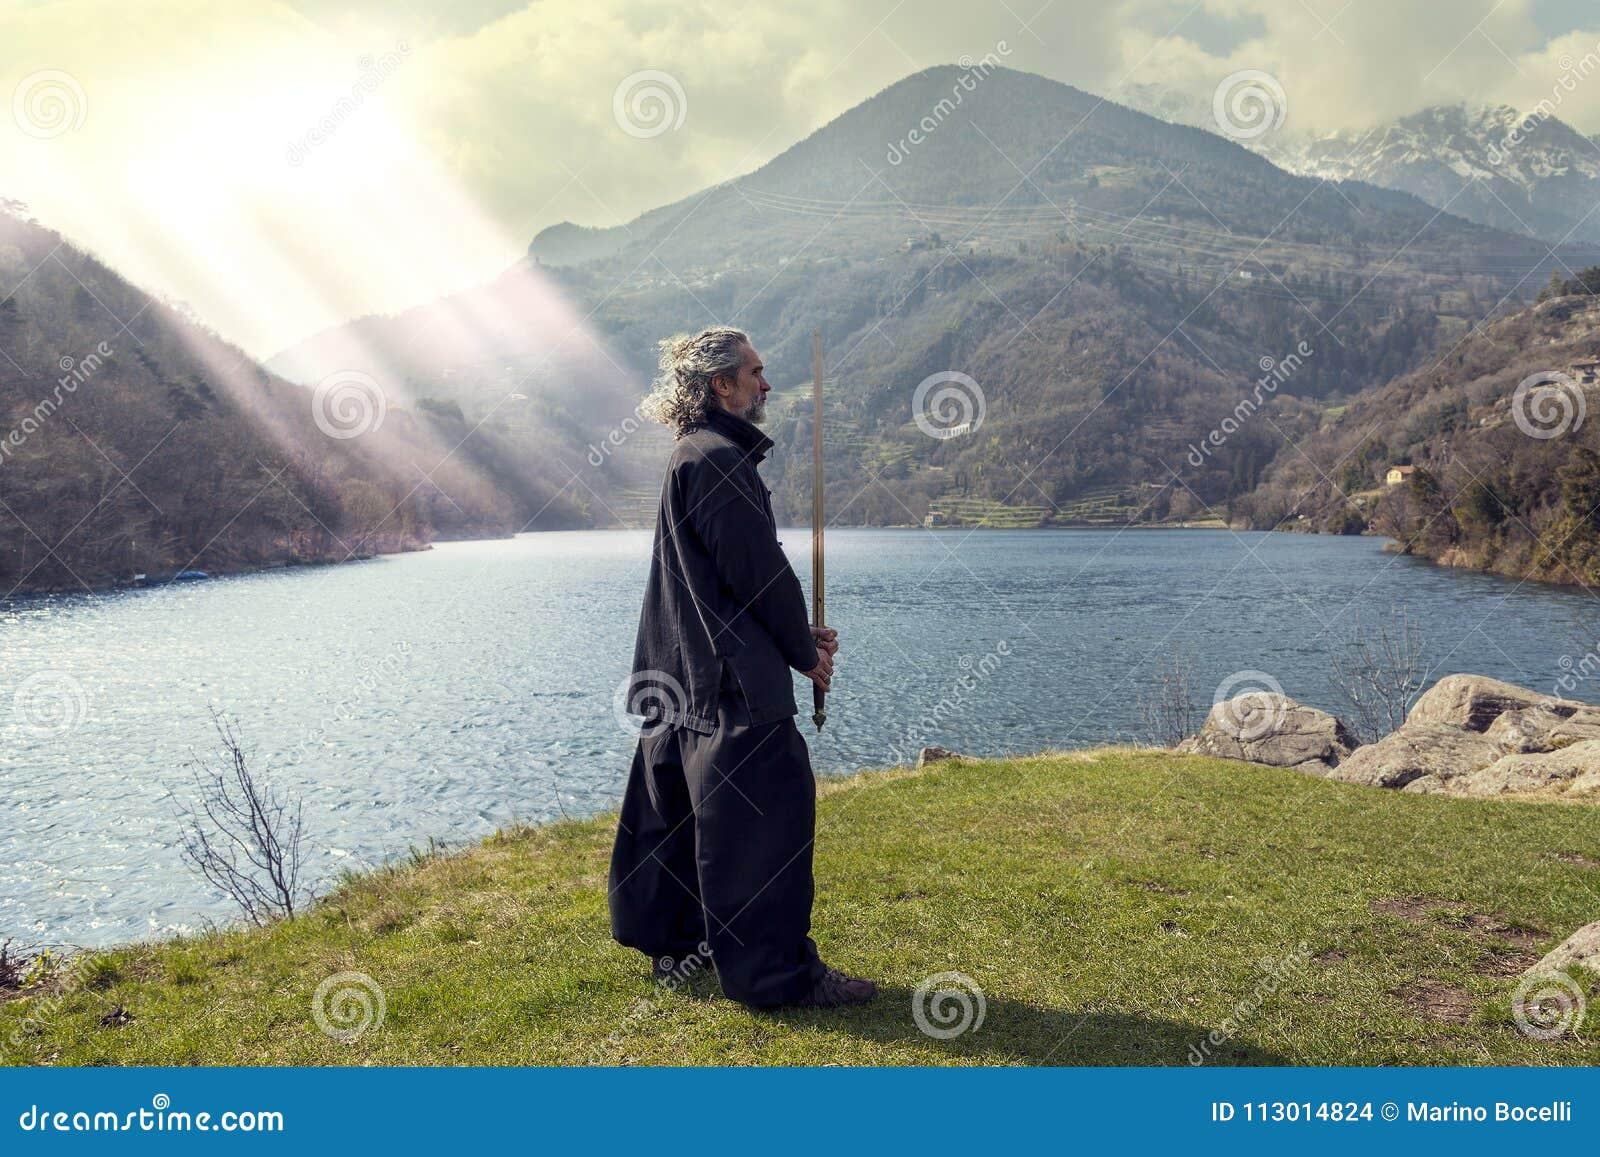 Mature man practicing Tai Chi discipline outdoors